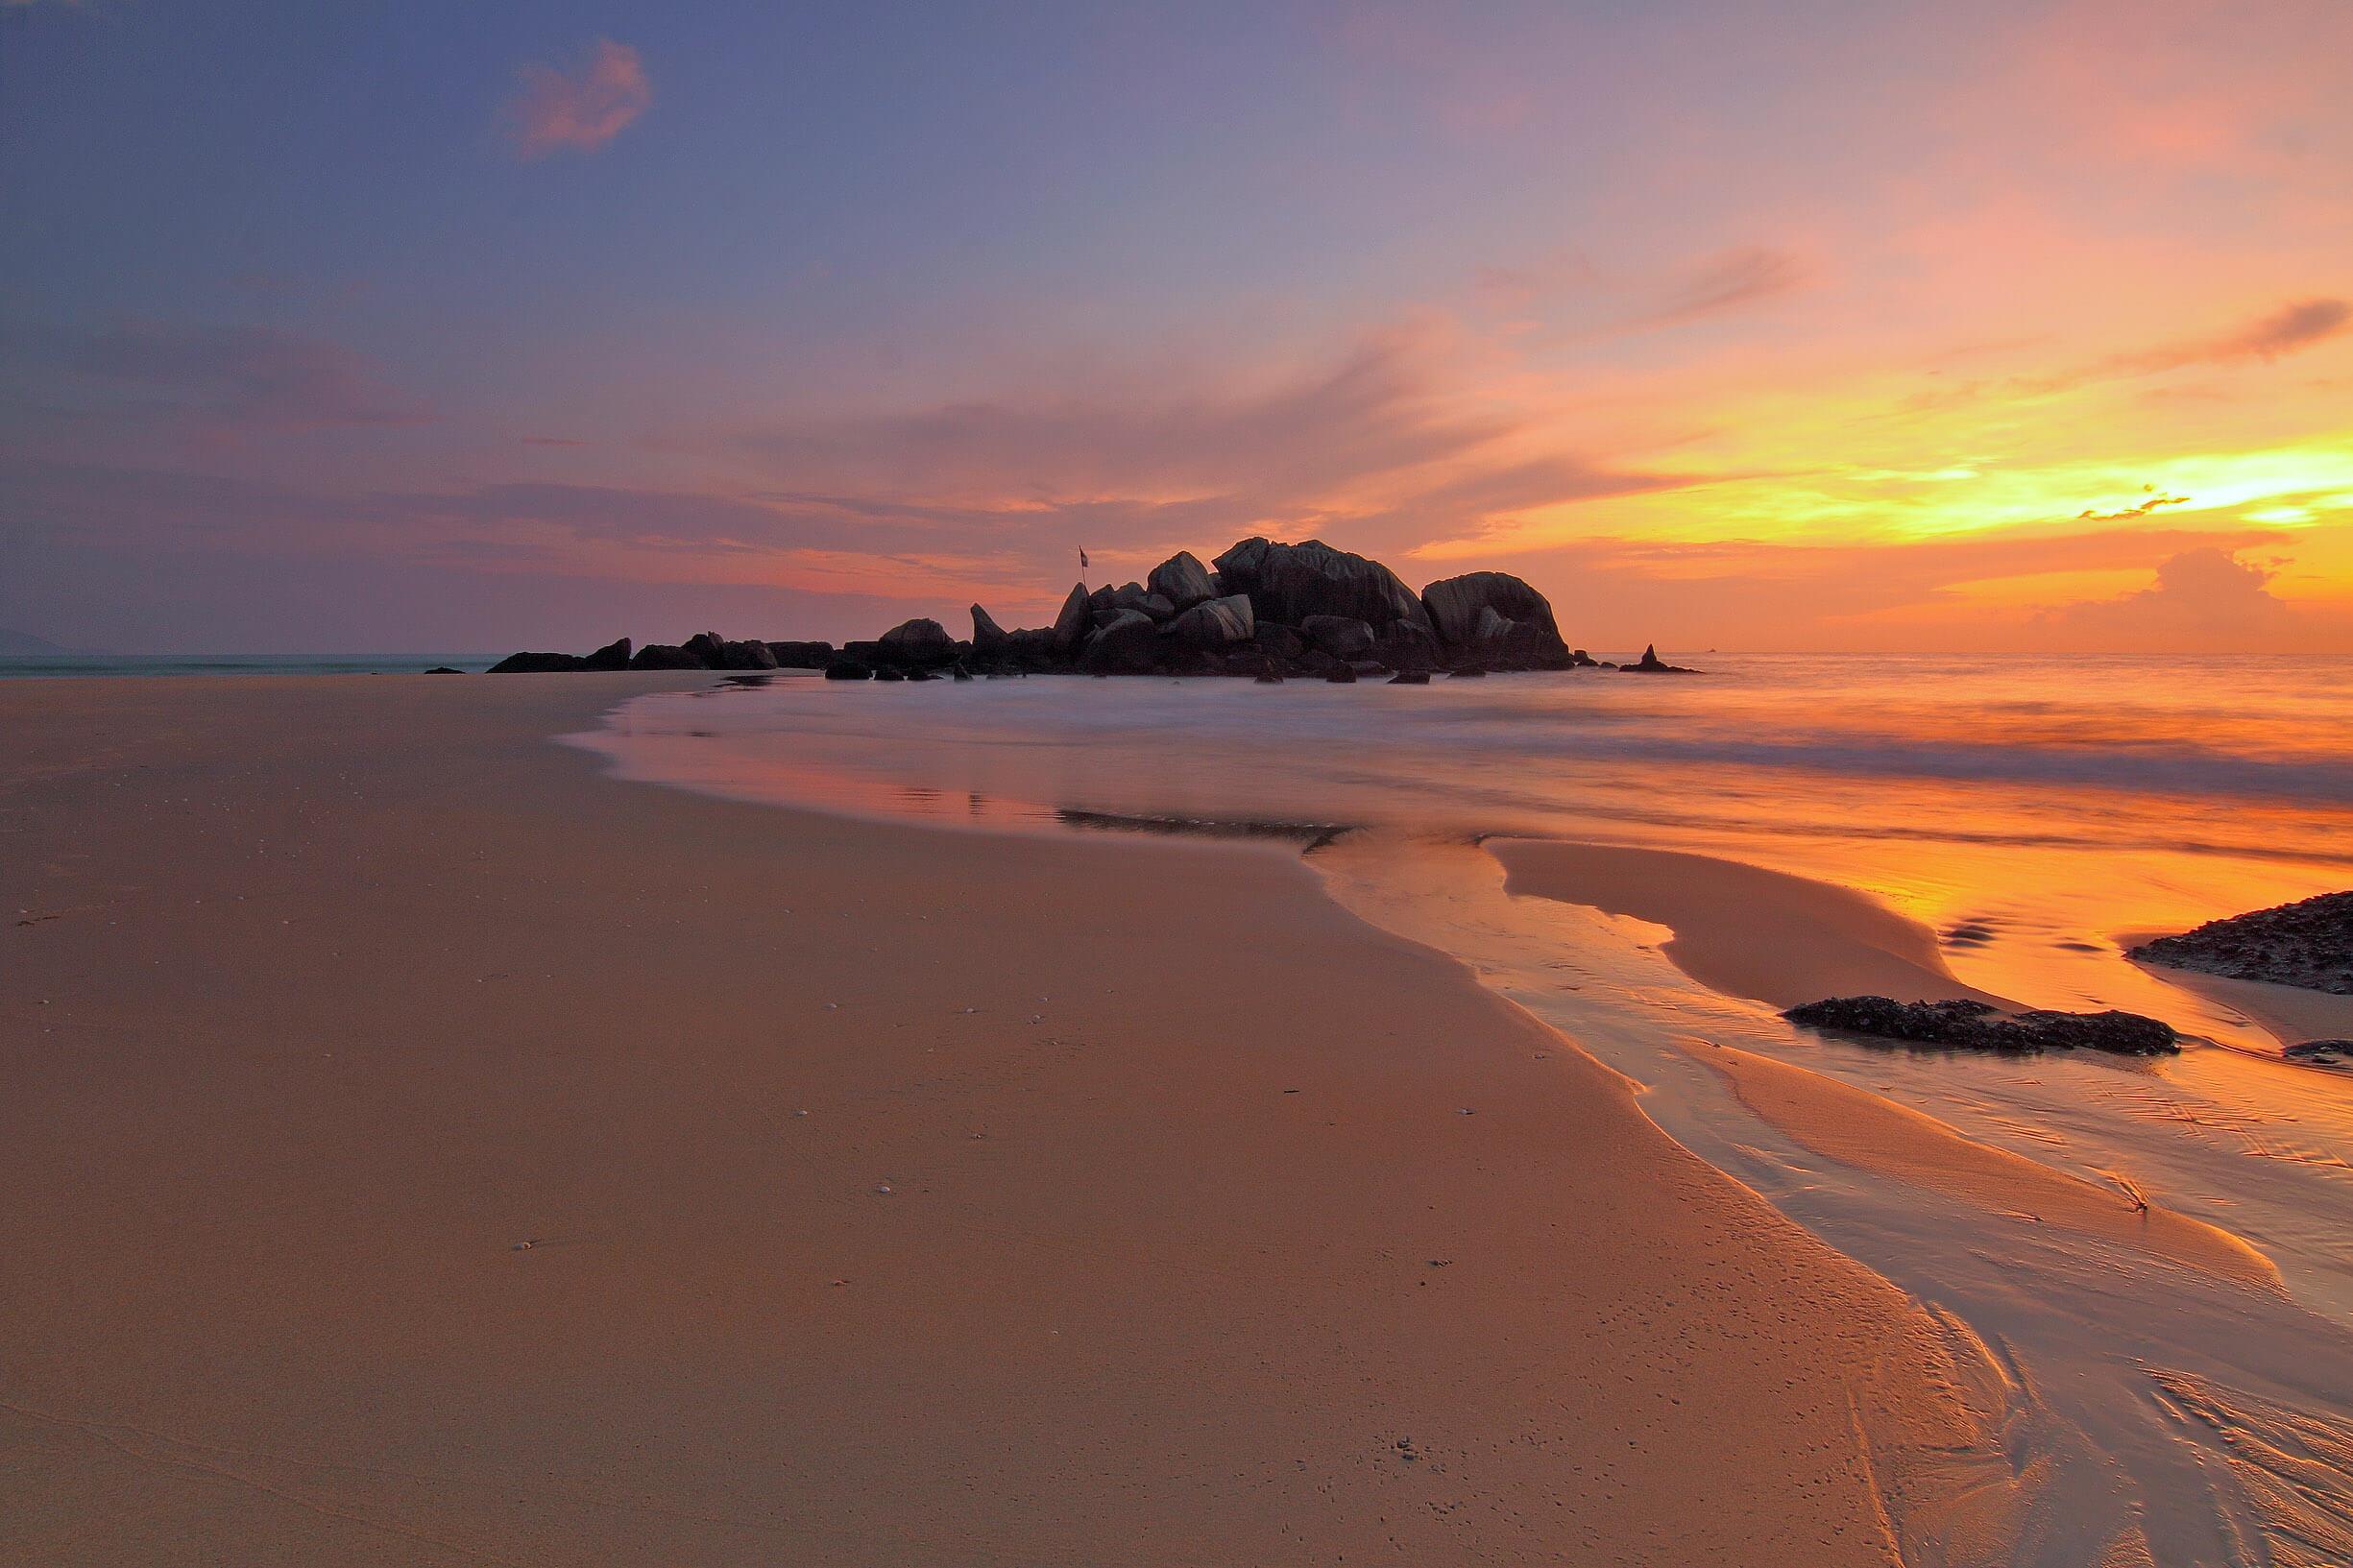 media_gallery-2020-02-6-6-sunset_over_the_sandy_beach_2a6db75acf596f0a41363ab818cbf725.jpg